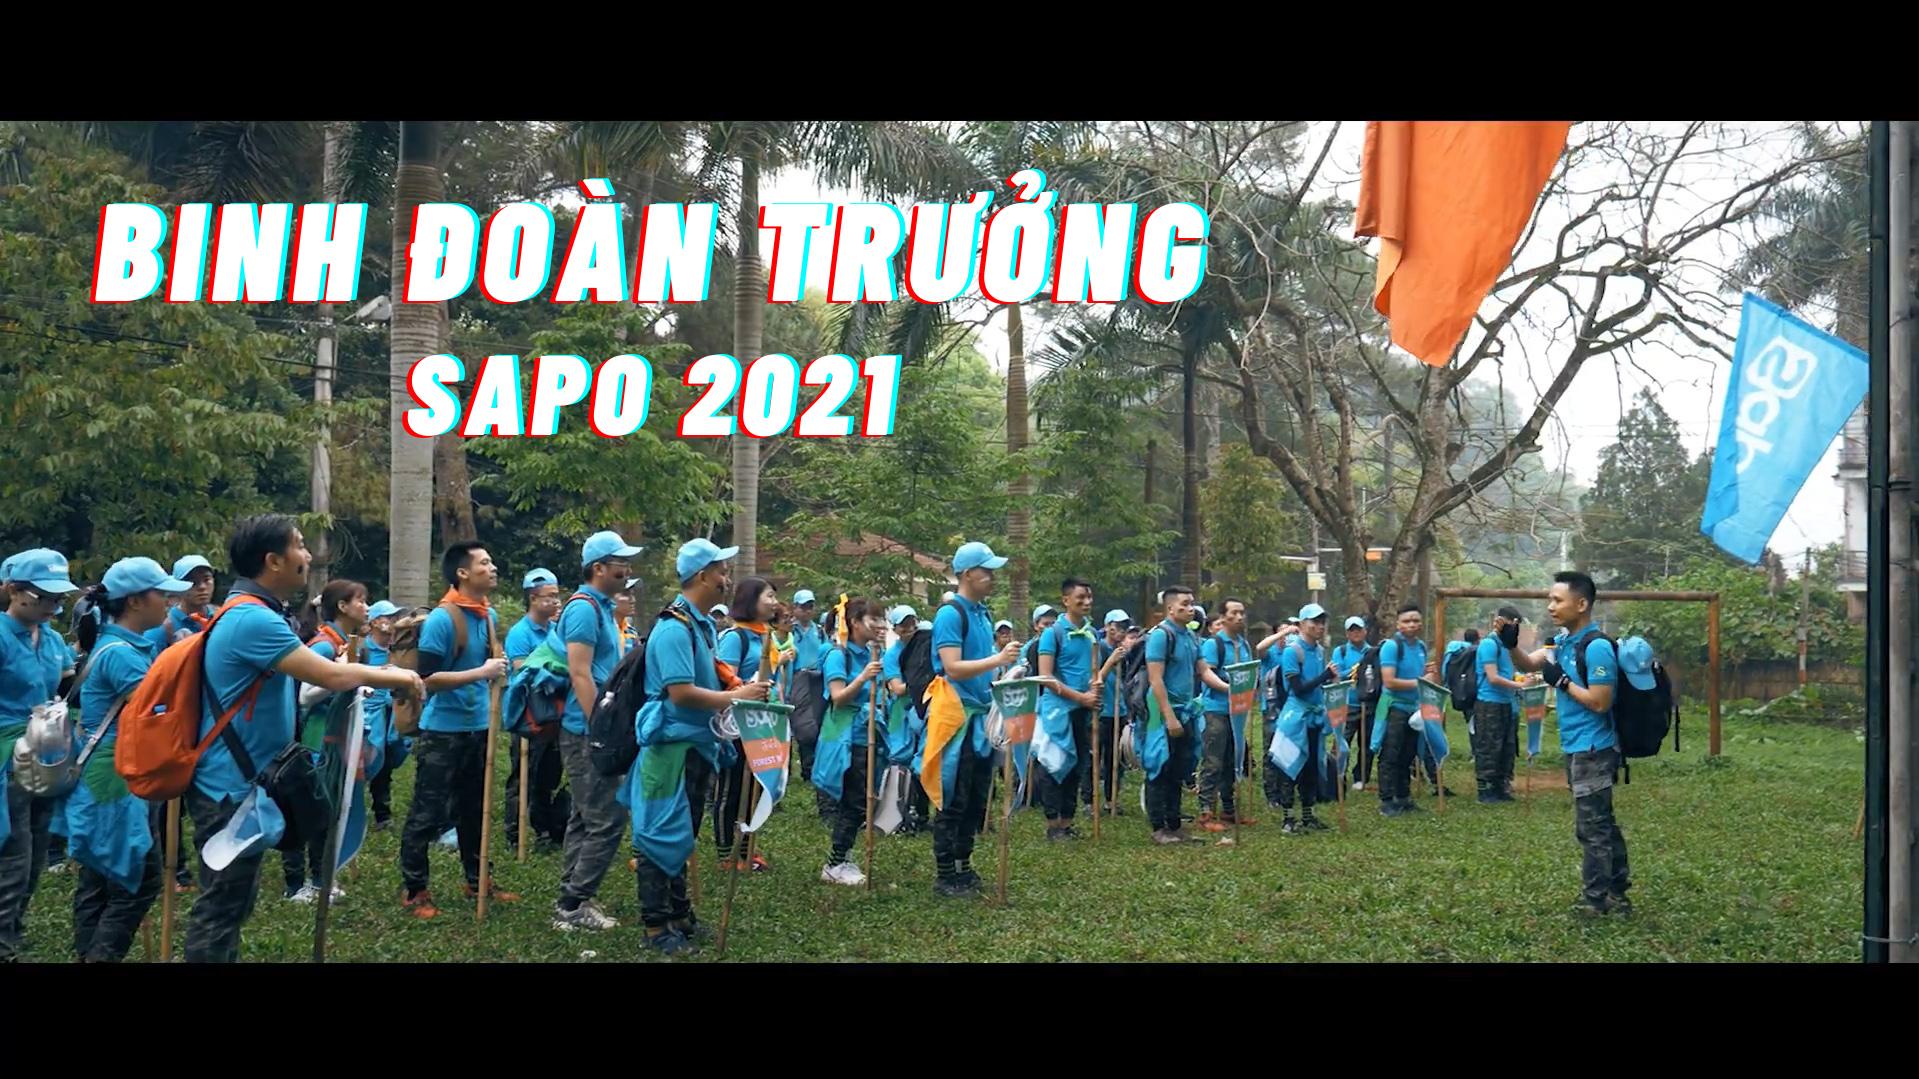 Trại huấn luyện Binh Đoàn Trưởng SAPO năm 2021.